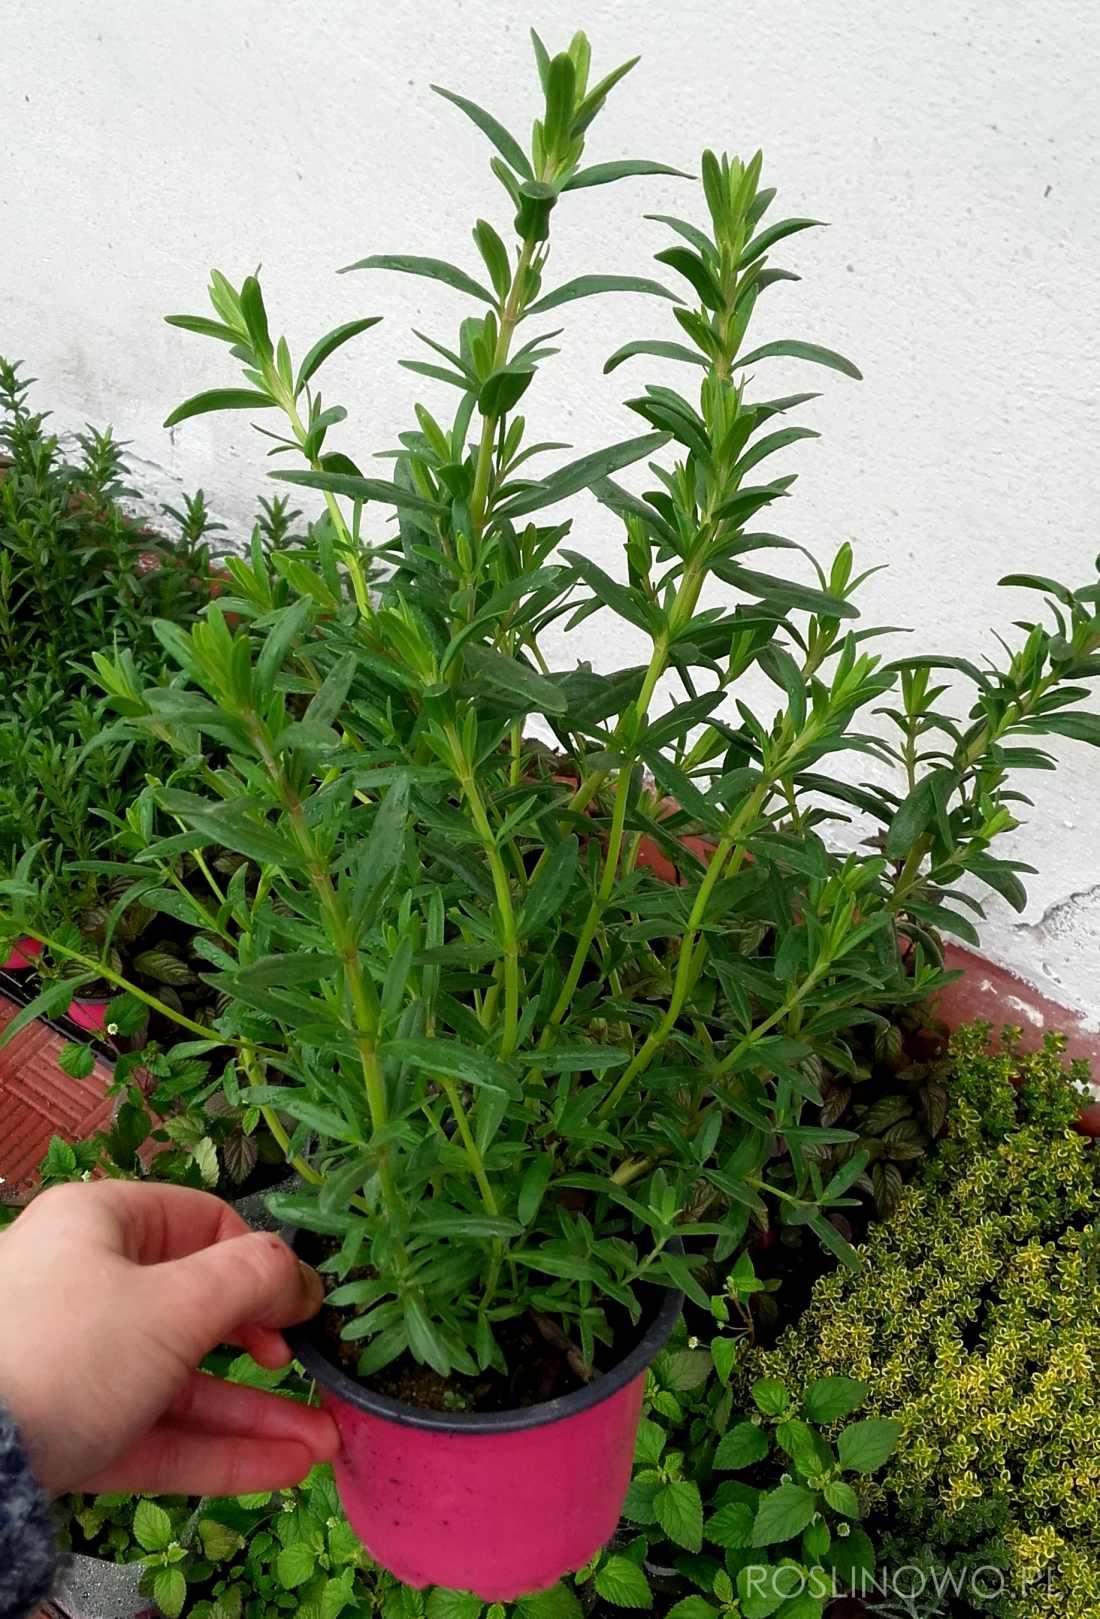 estragon - wieloletnia roślina ziołowa i przyprawowa na stanowiska słoneczne i półcieniste